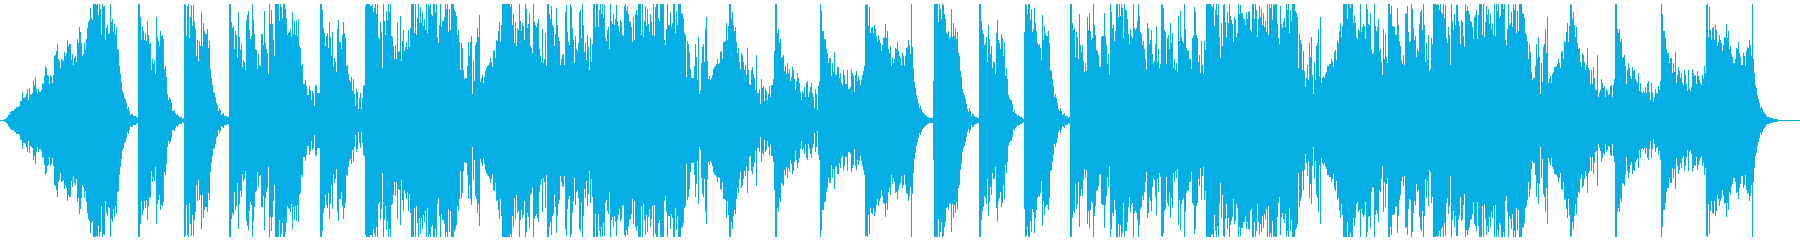 現代的 交響曲 アクティブ 明るい...の再生済みの波形